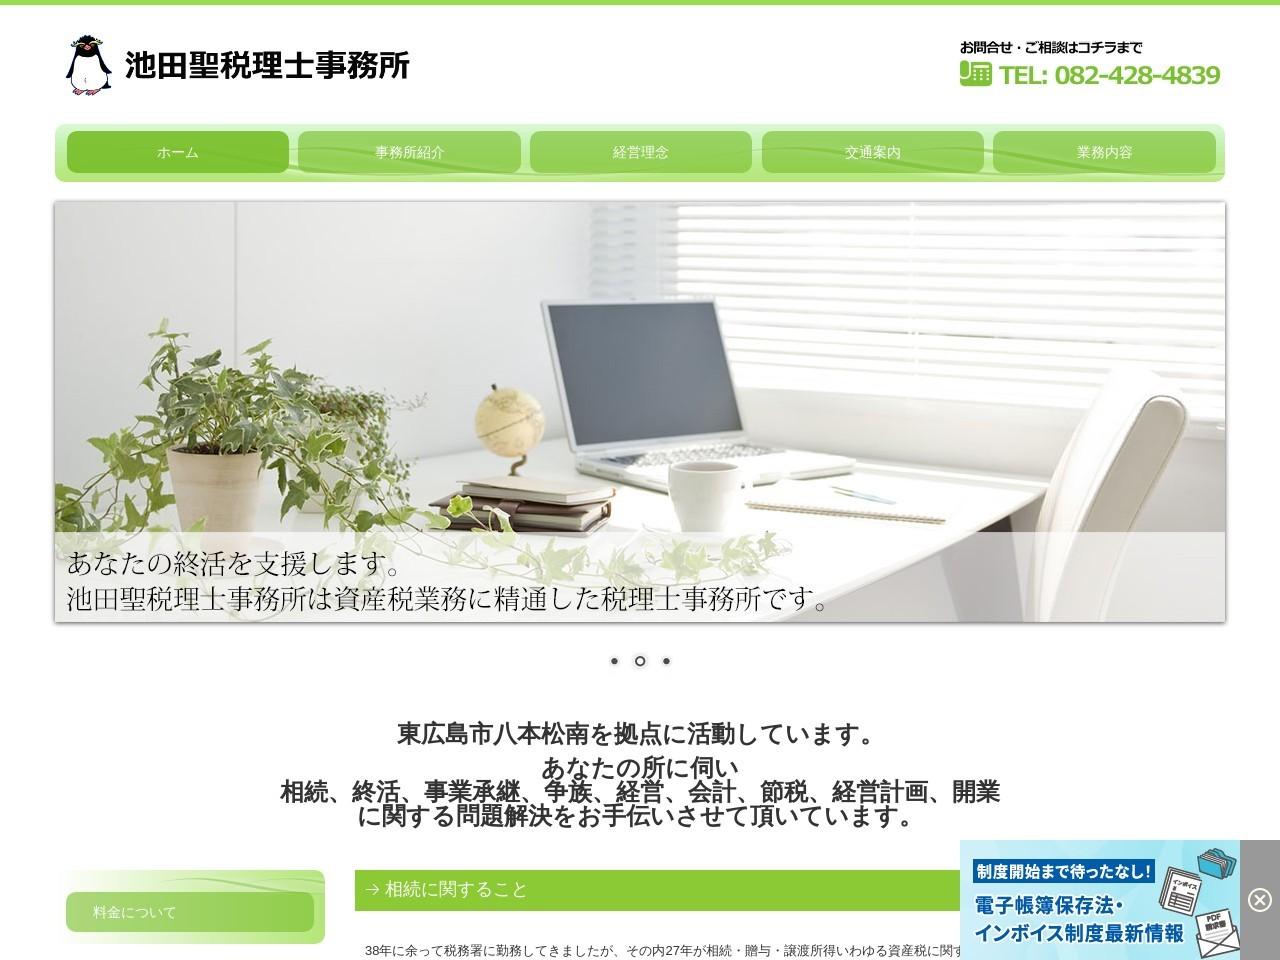 池田聖税理士事務所